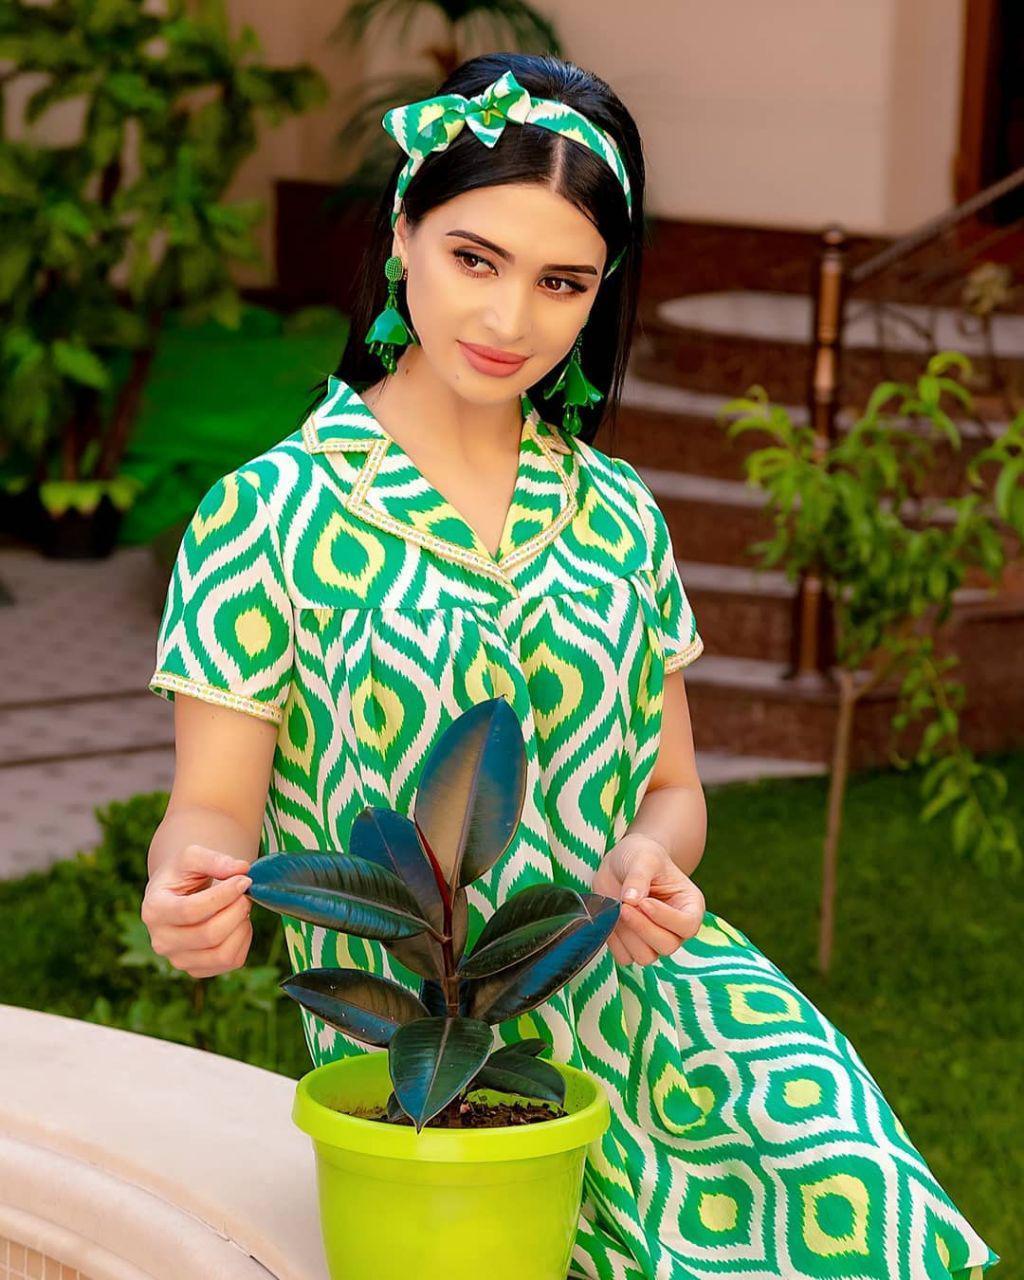 uzbek-kelinlari-sikishyapti-video-onlayn